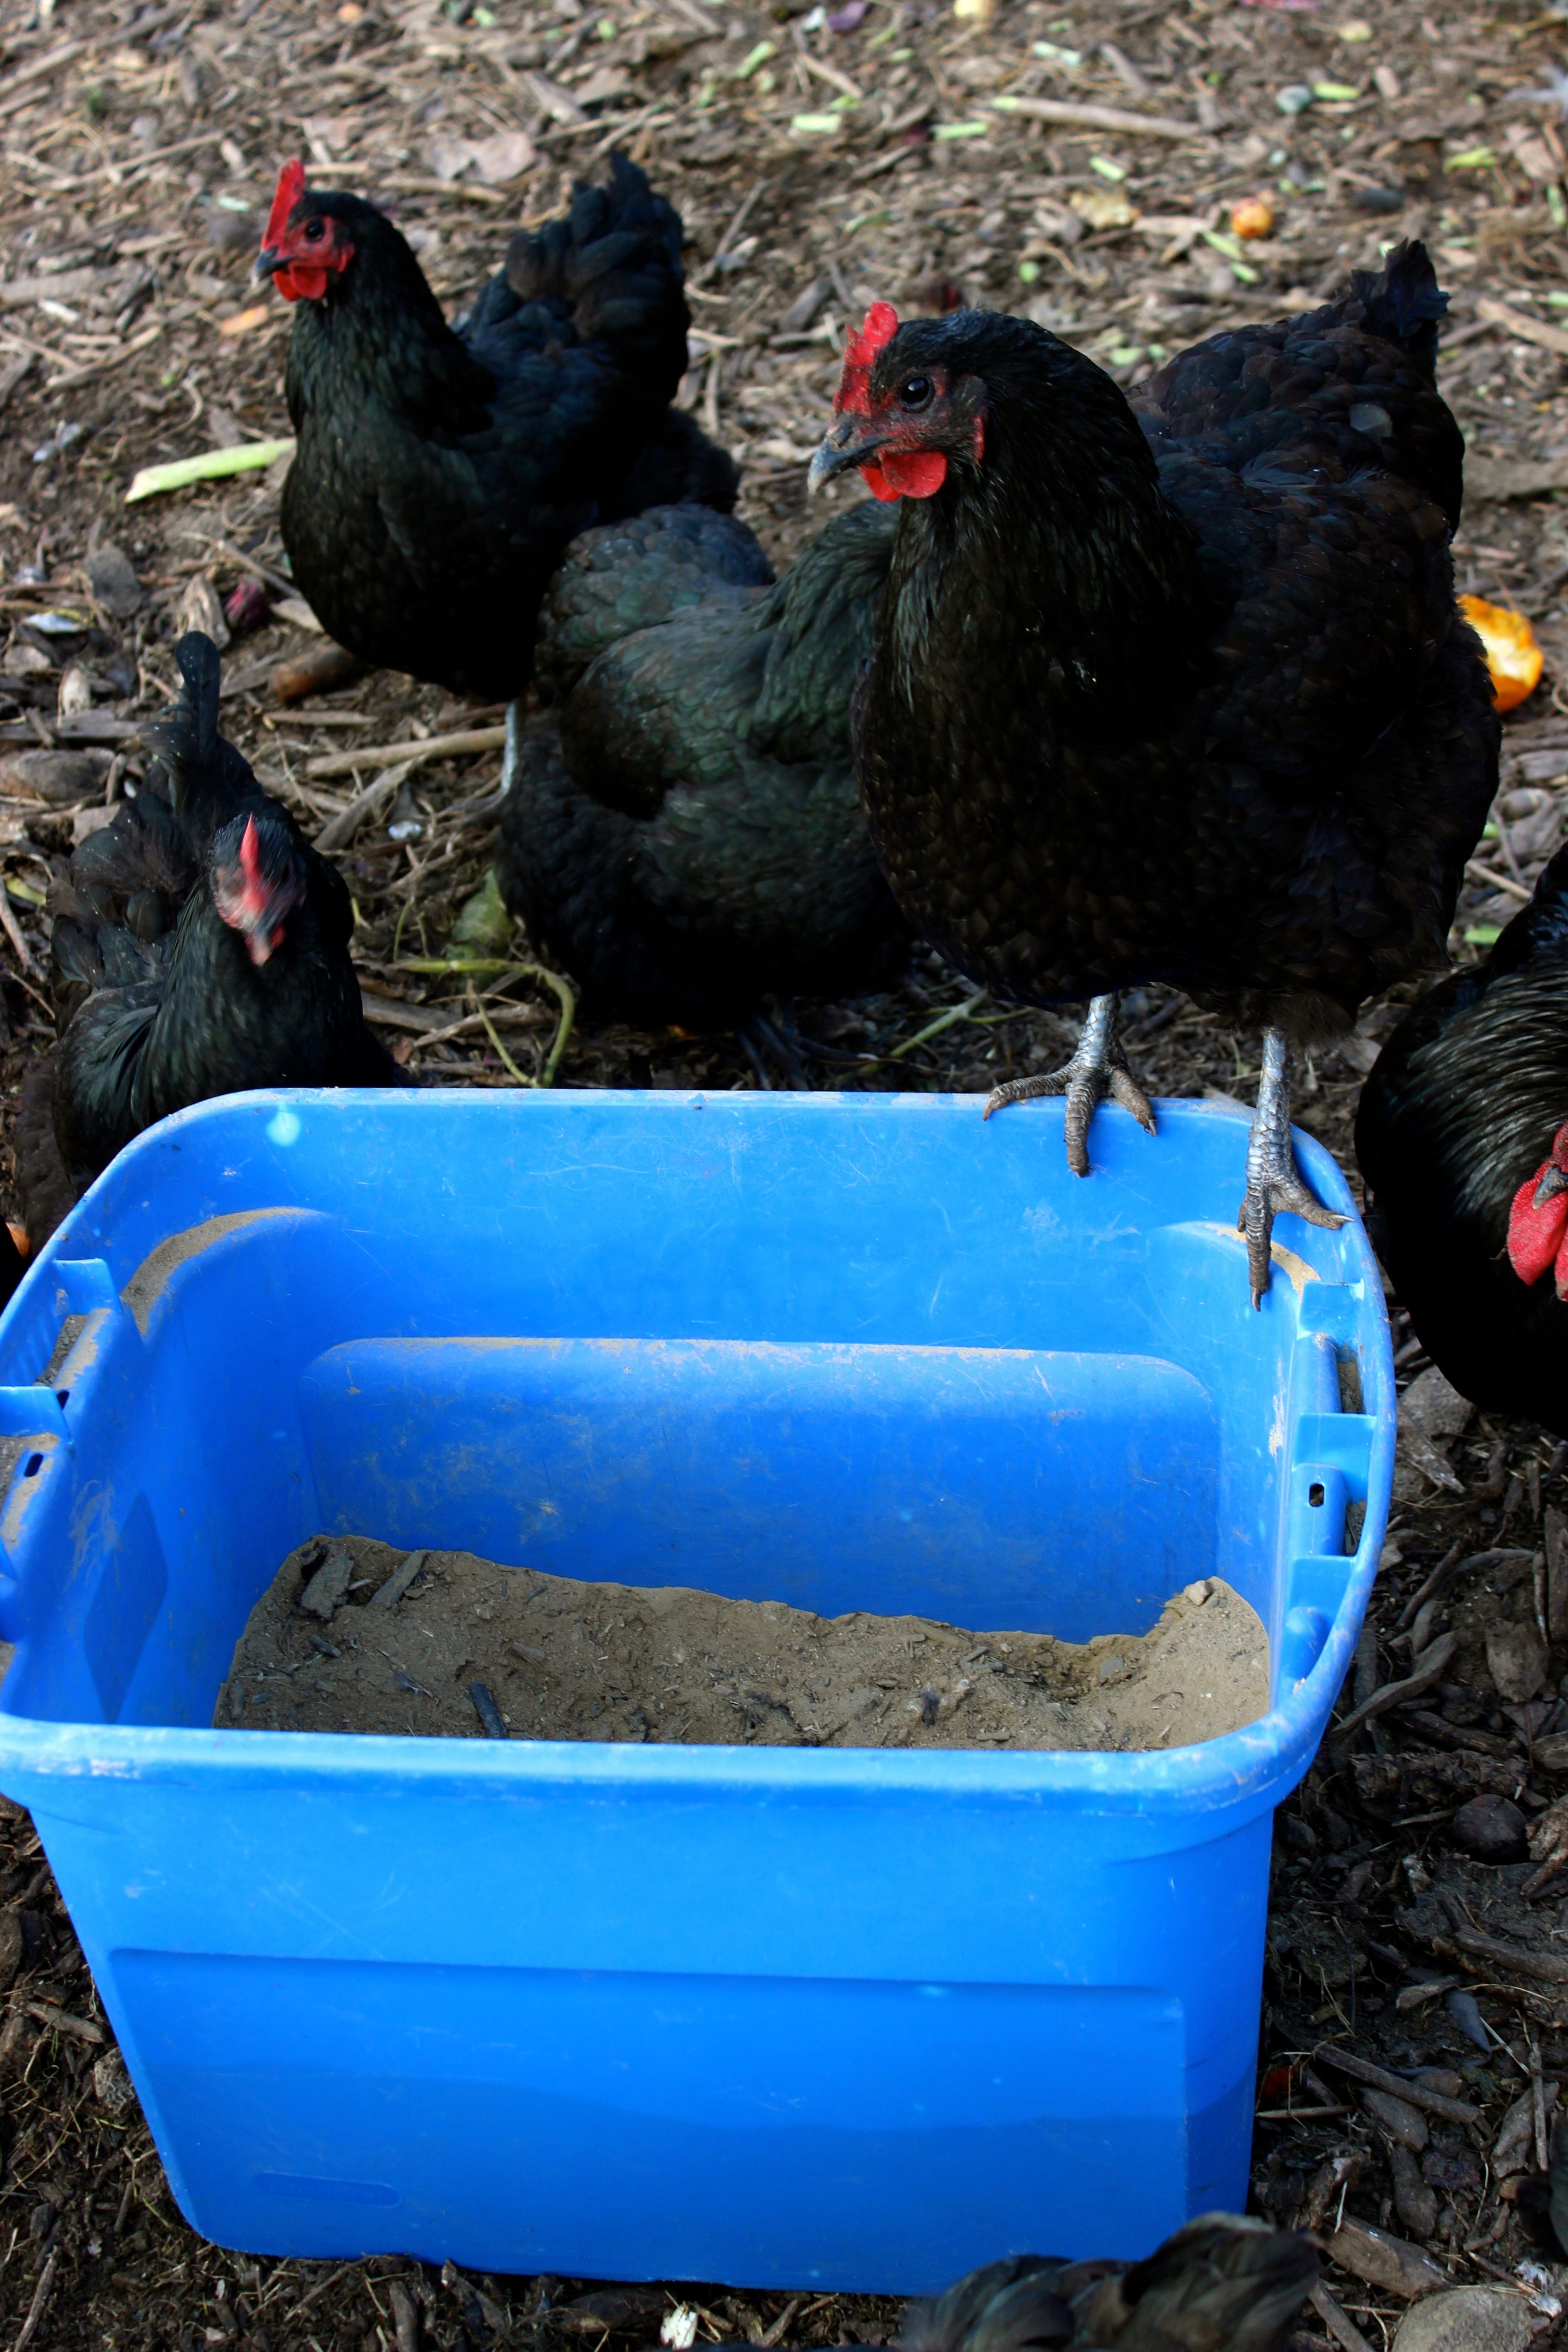 Chicken Coops That Work: 5 Brilliant Ways - Abundant